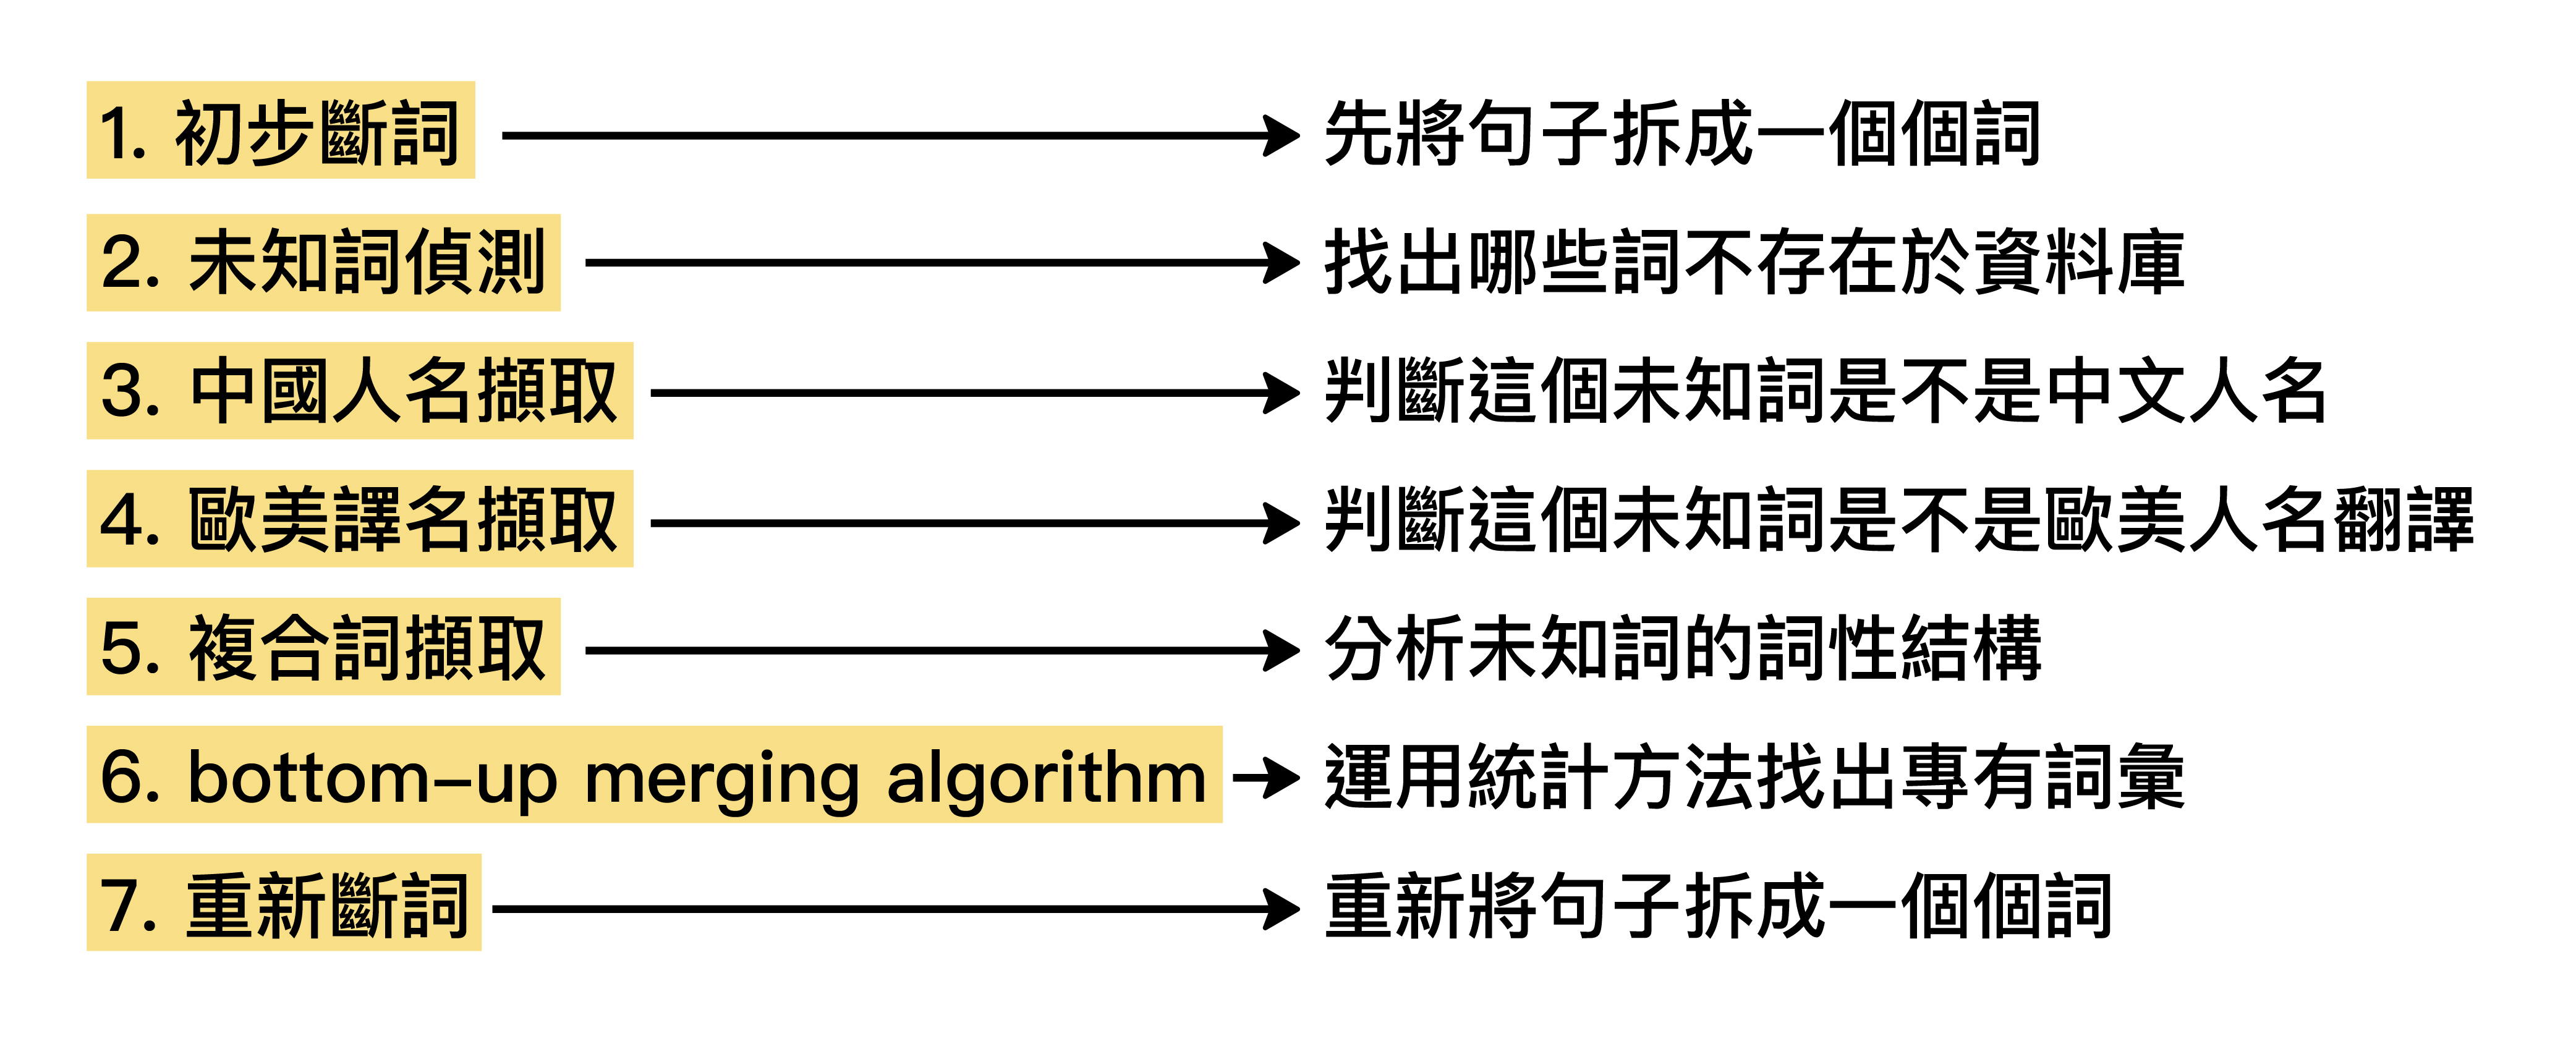 中文斷詞系統的處理步驟。 資料來源│〈未知詞擷取作法〉,作者:馬偉雲